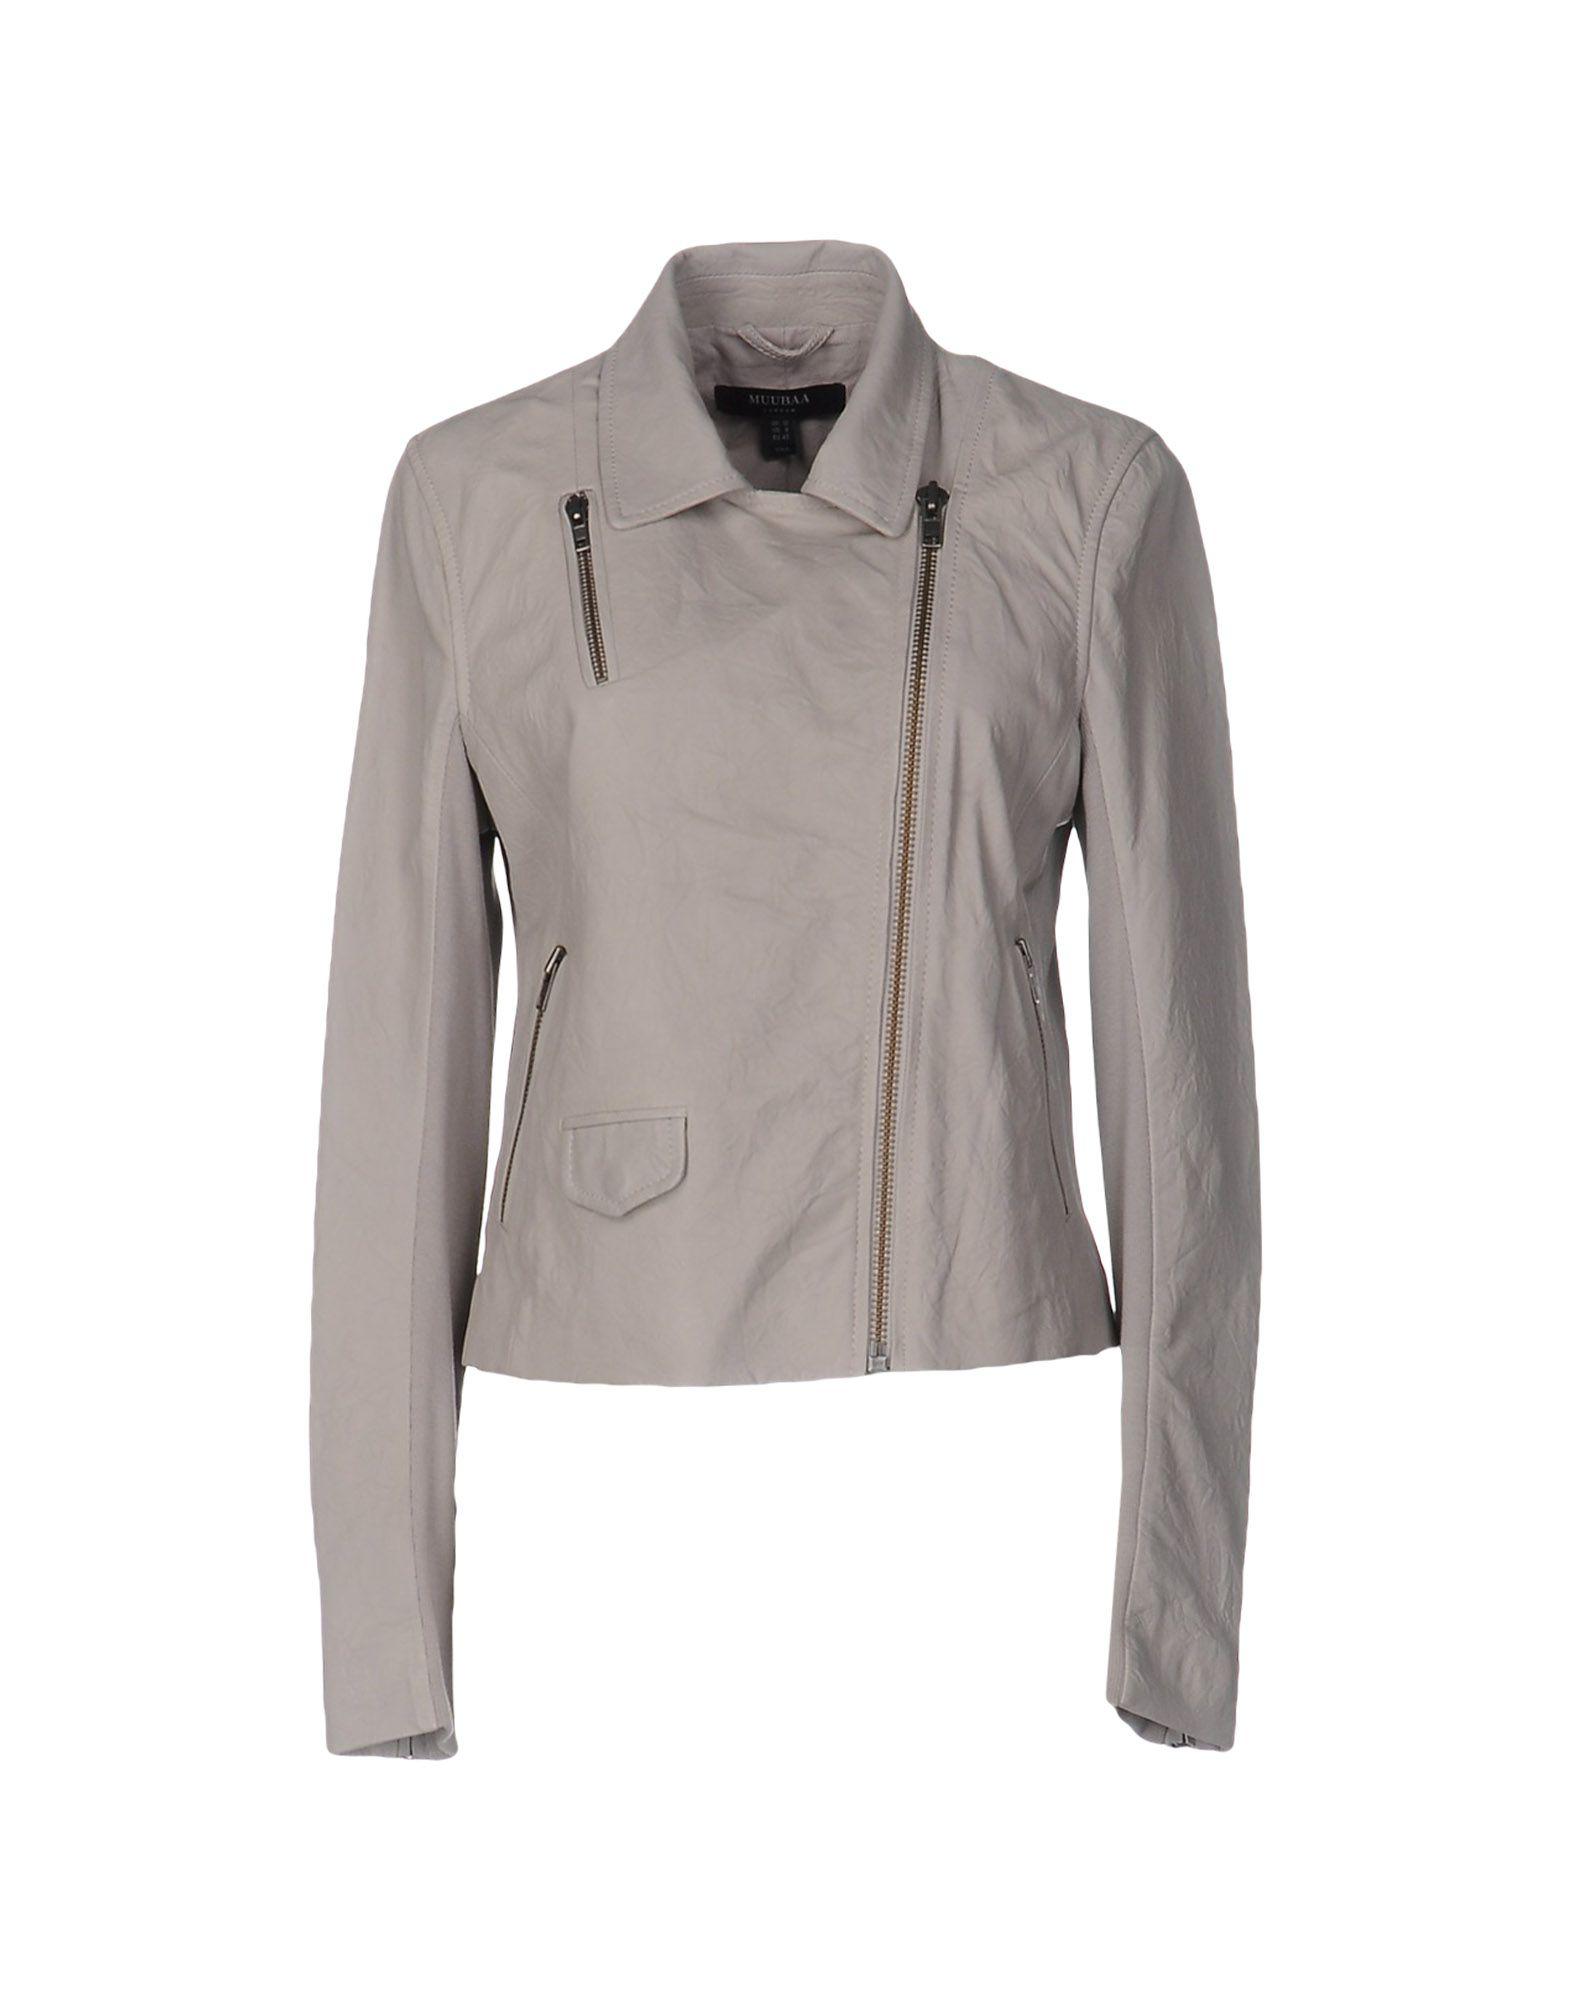 《送料無料》MUUBAA レディース ブルゾン ライトグレー 6 羊革(ラムスキン) 100% / 紡績繊維